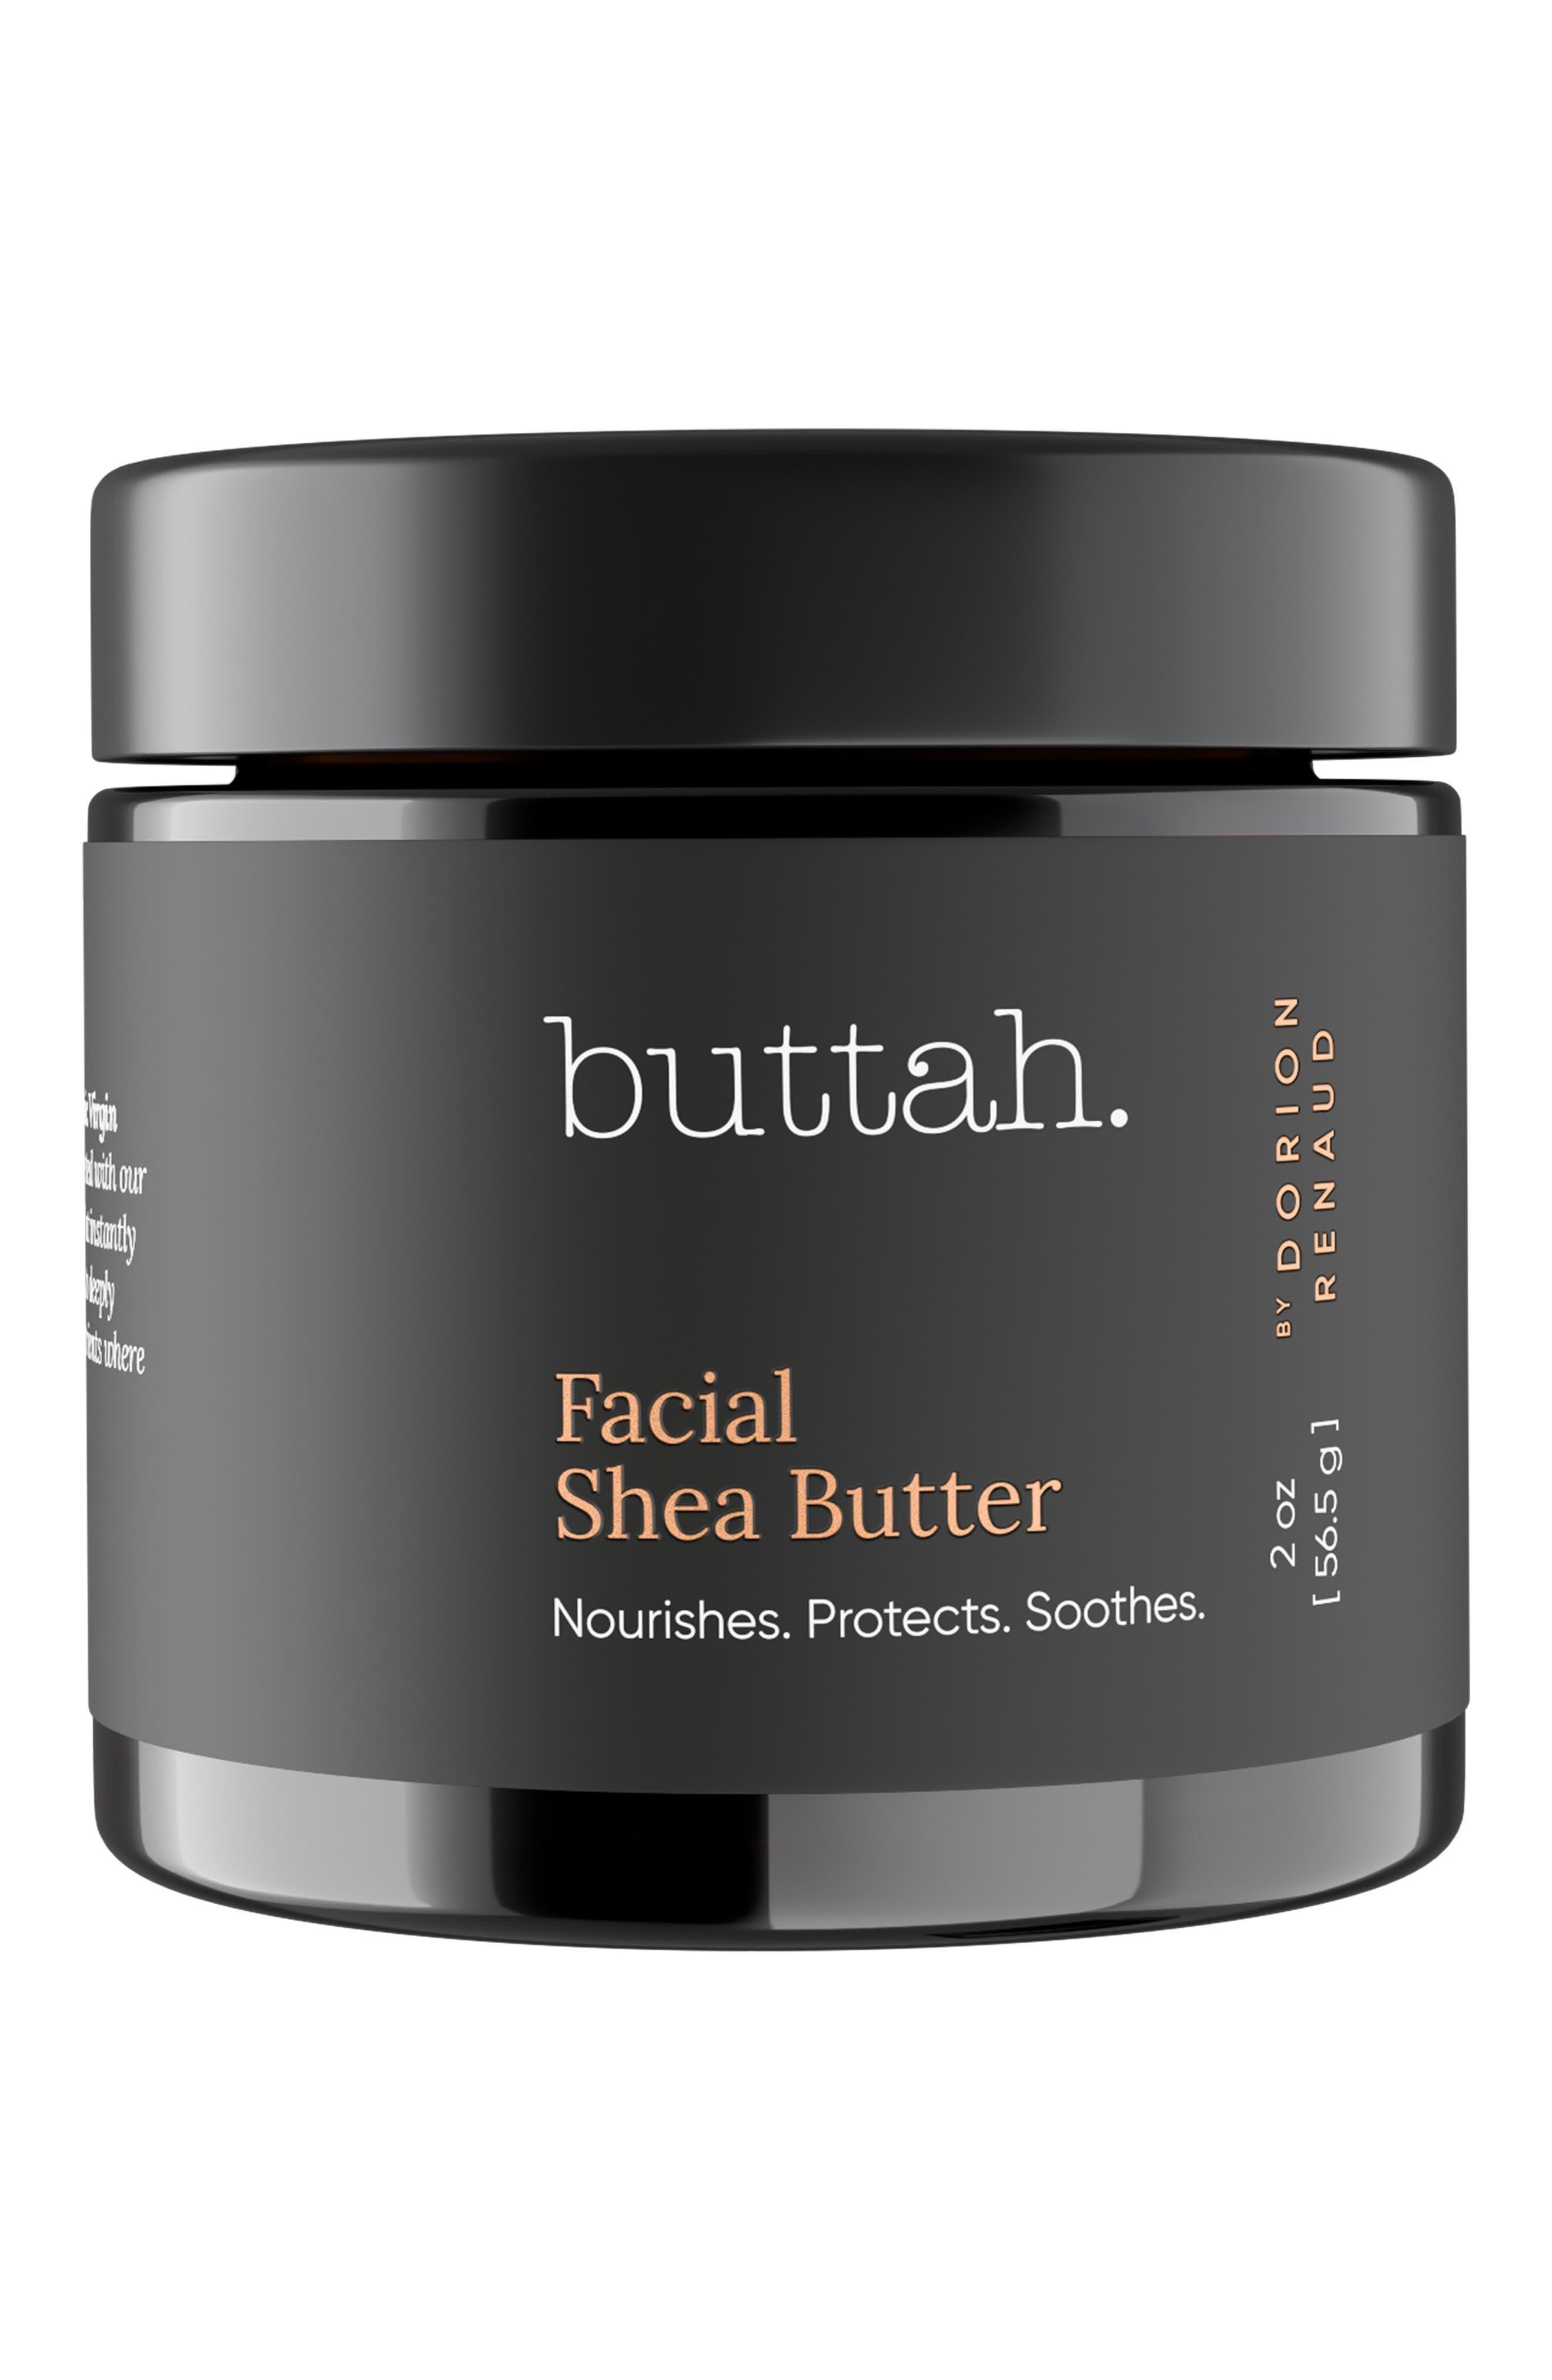 Facial Shea Butter Moisturizer